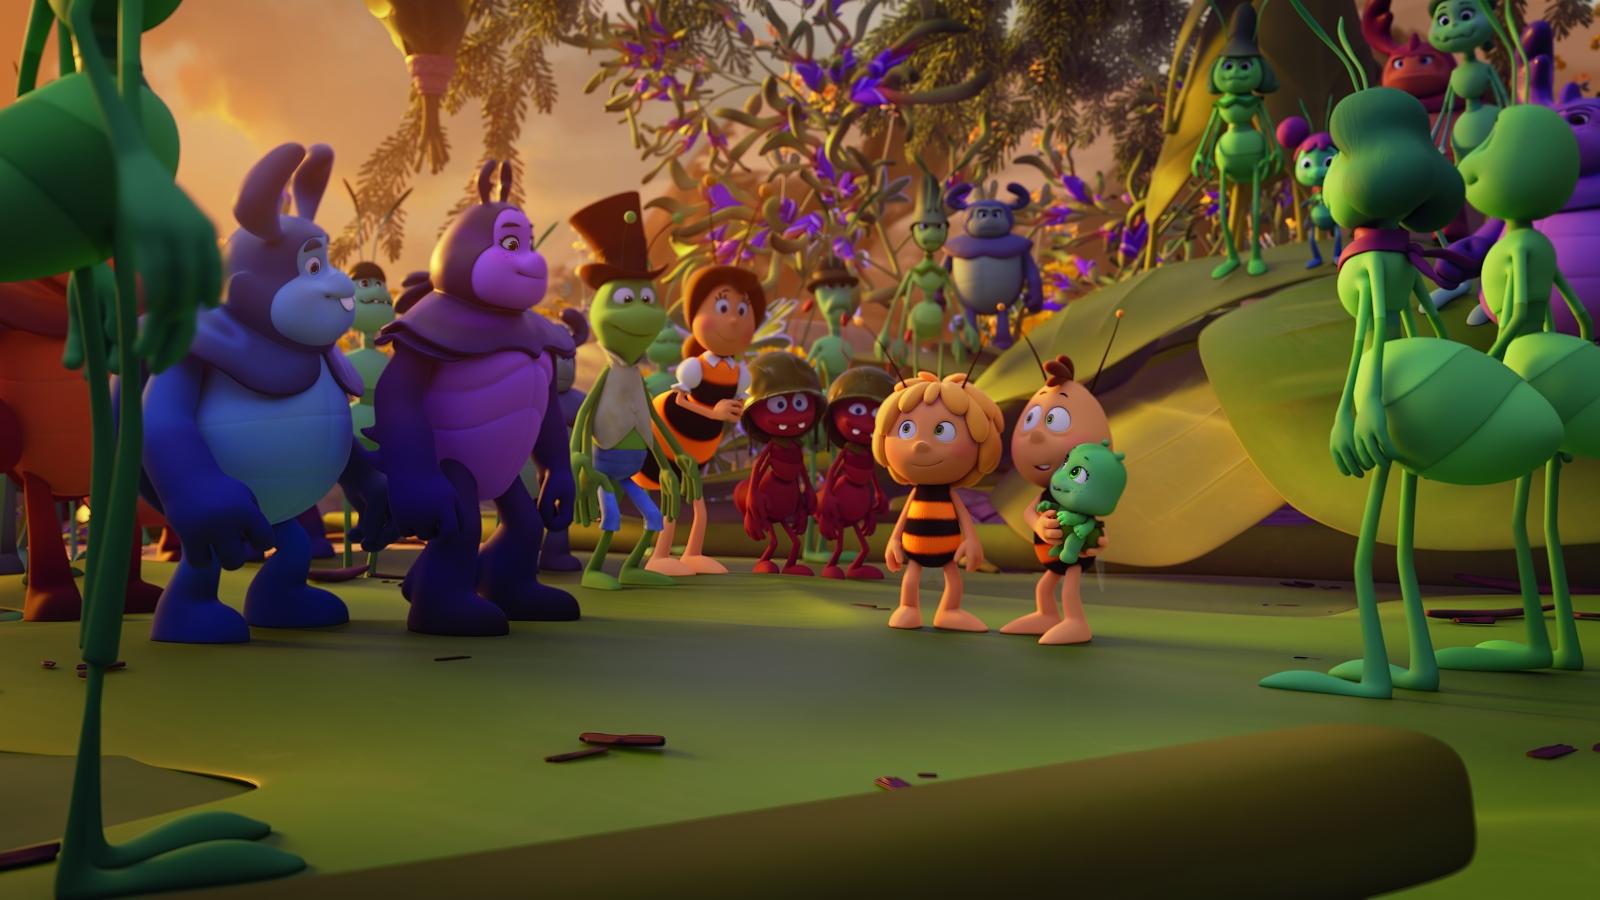 """""""Ong nhí phiêu lưu ký"""" - bộ phim hoạt hình đáng yêu và thú vị cho cả gia đình"""